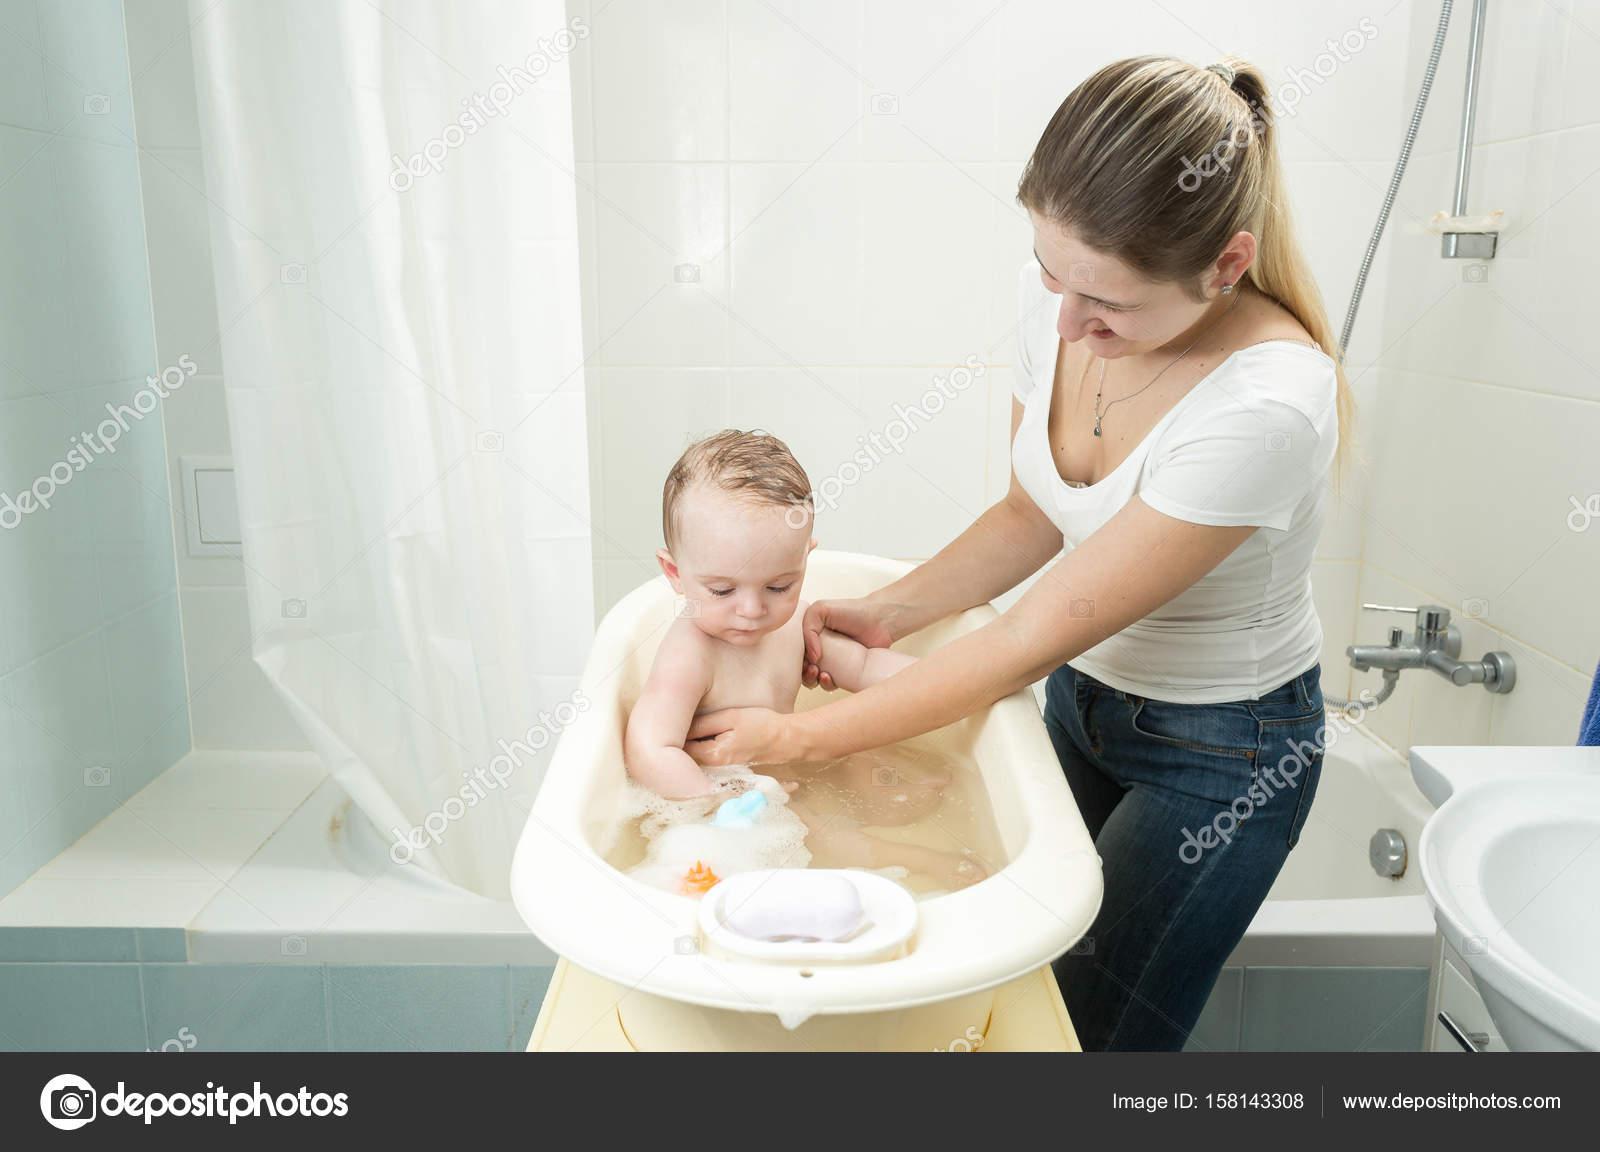 Сын трахнул тетю в ванной, Умываясь в ванной тетя дала племяннику - винтажное 25 фотография